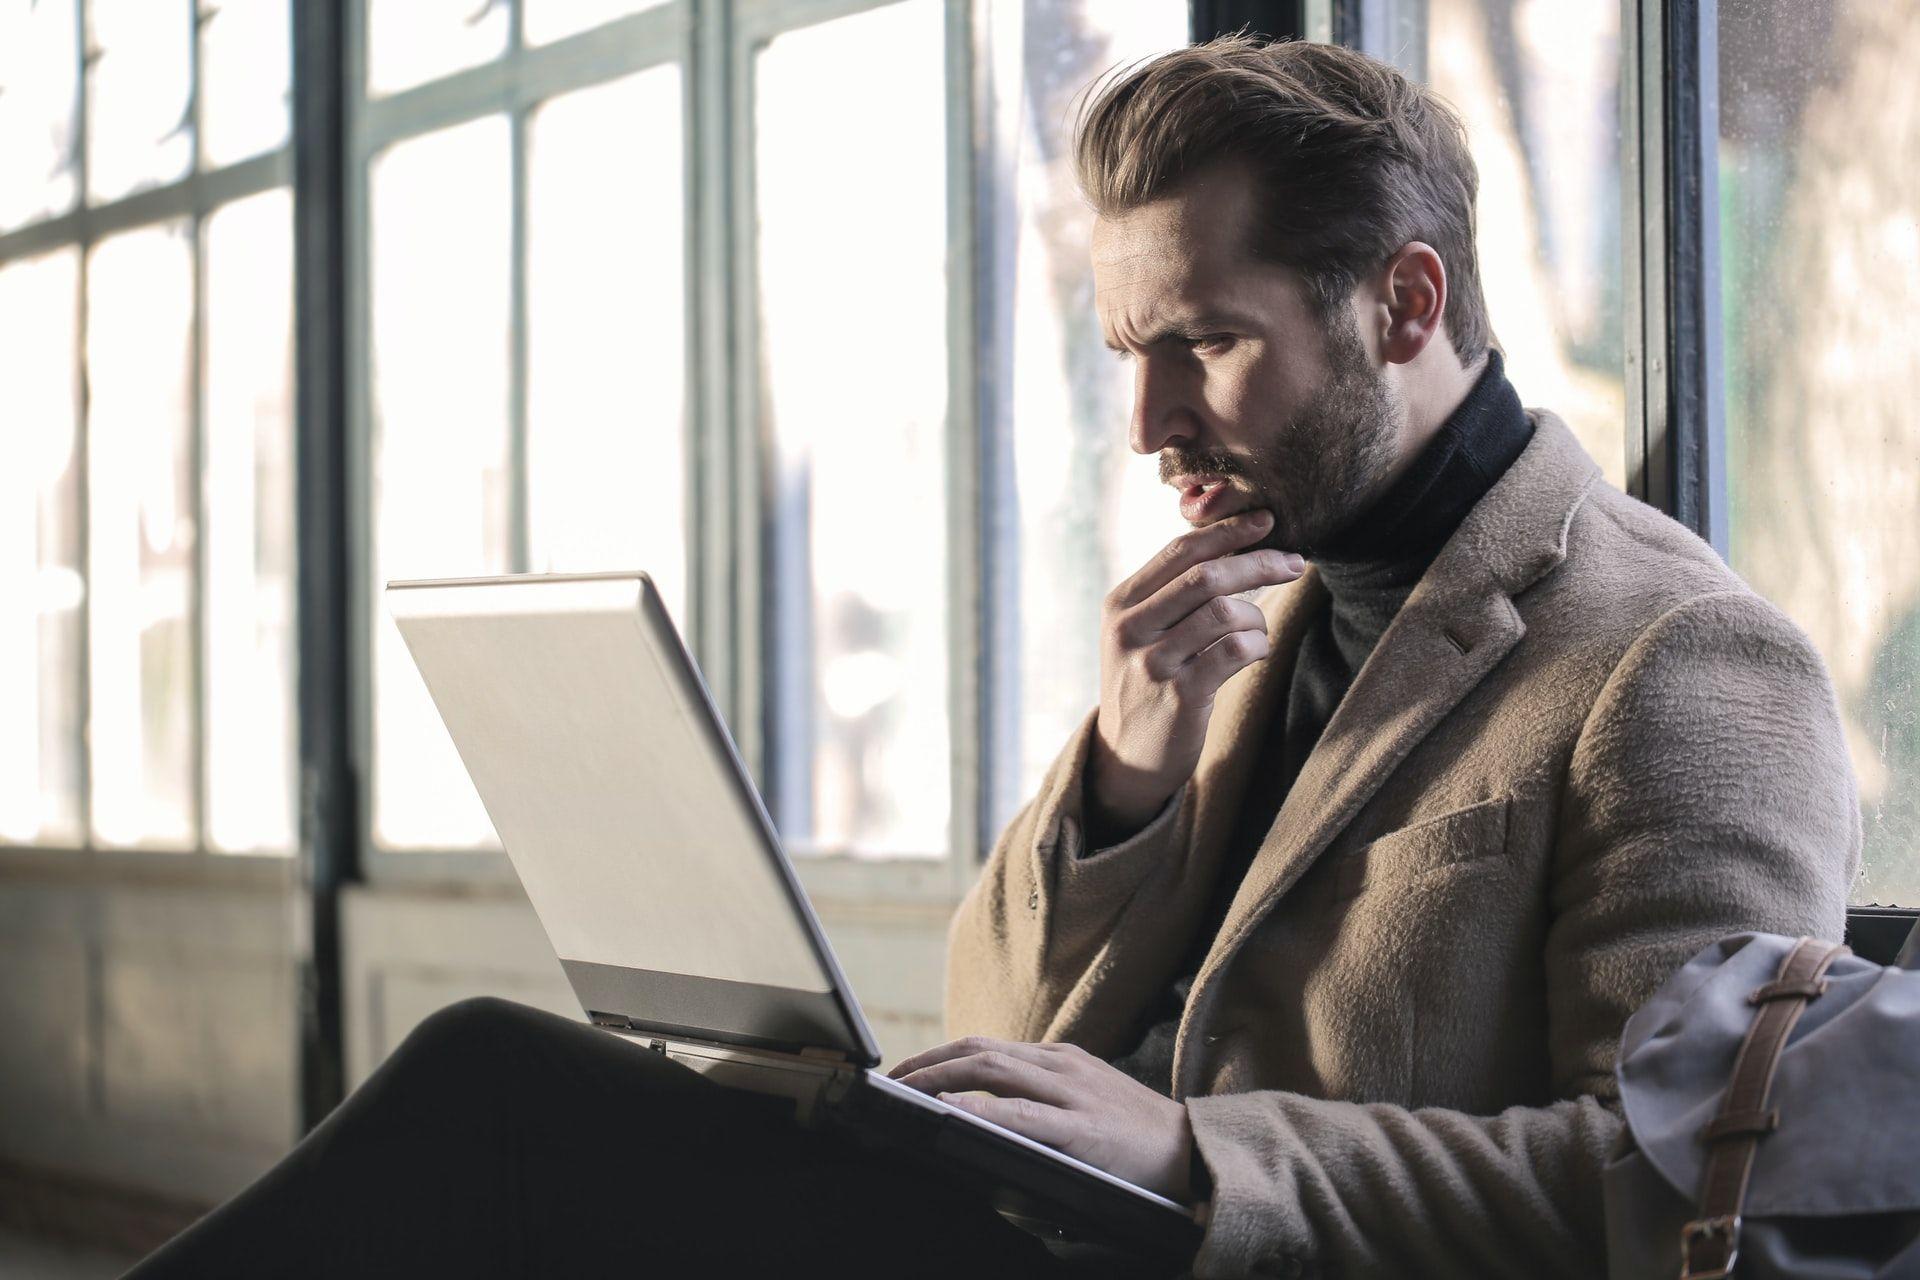 experiencia de usuario vs experiencia de clientes ¿ES lo mismo?